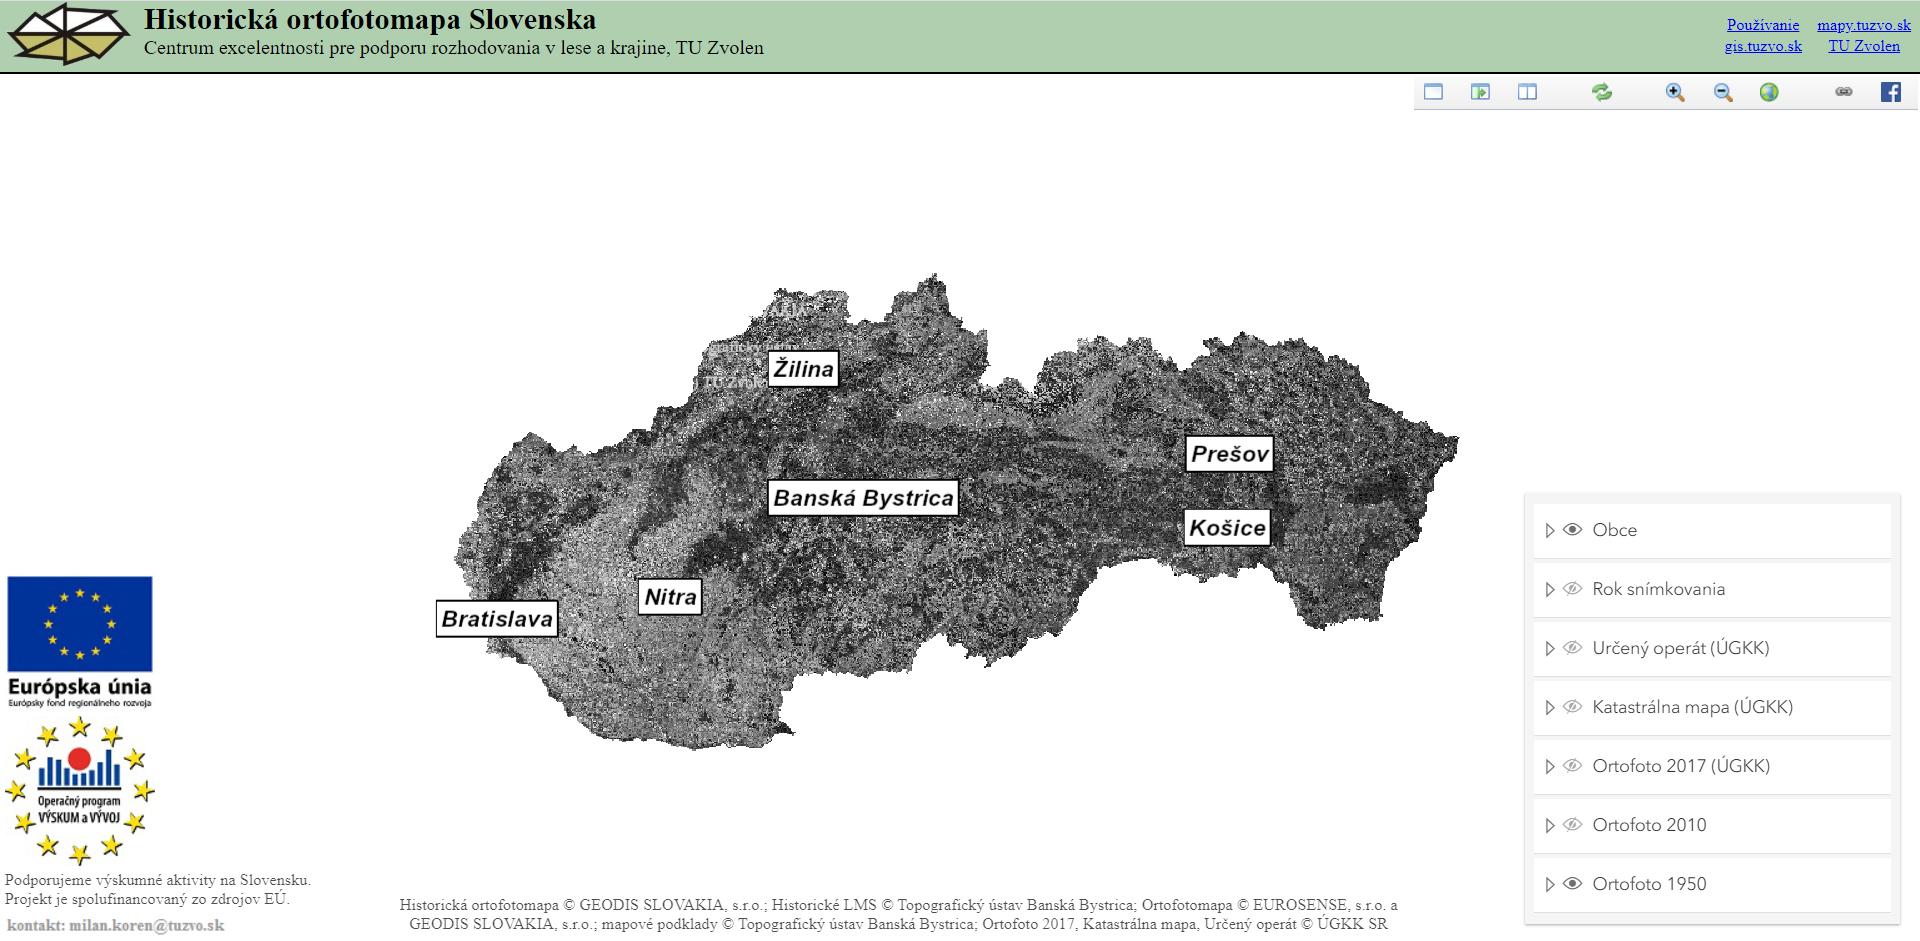 Historická ortofotomapa Slovenska